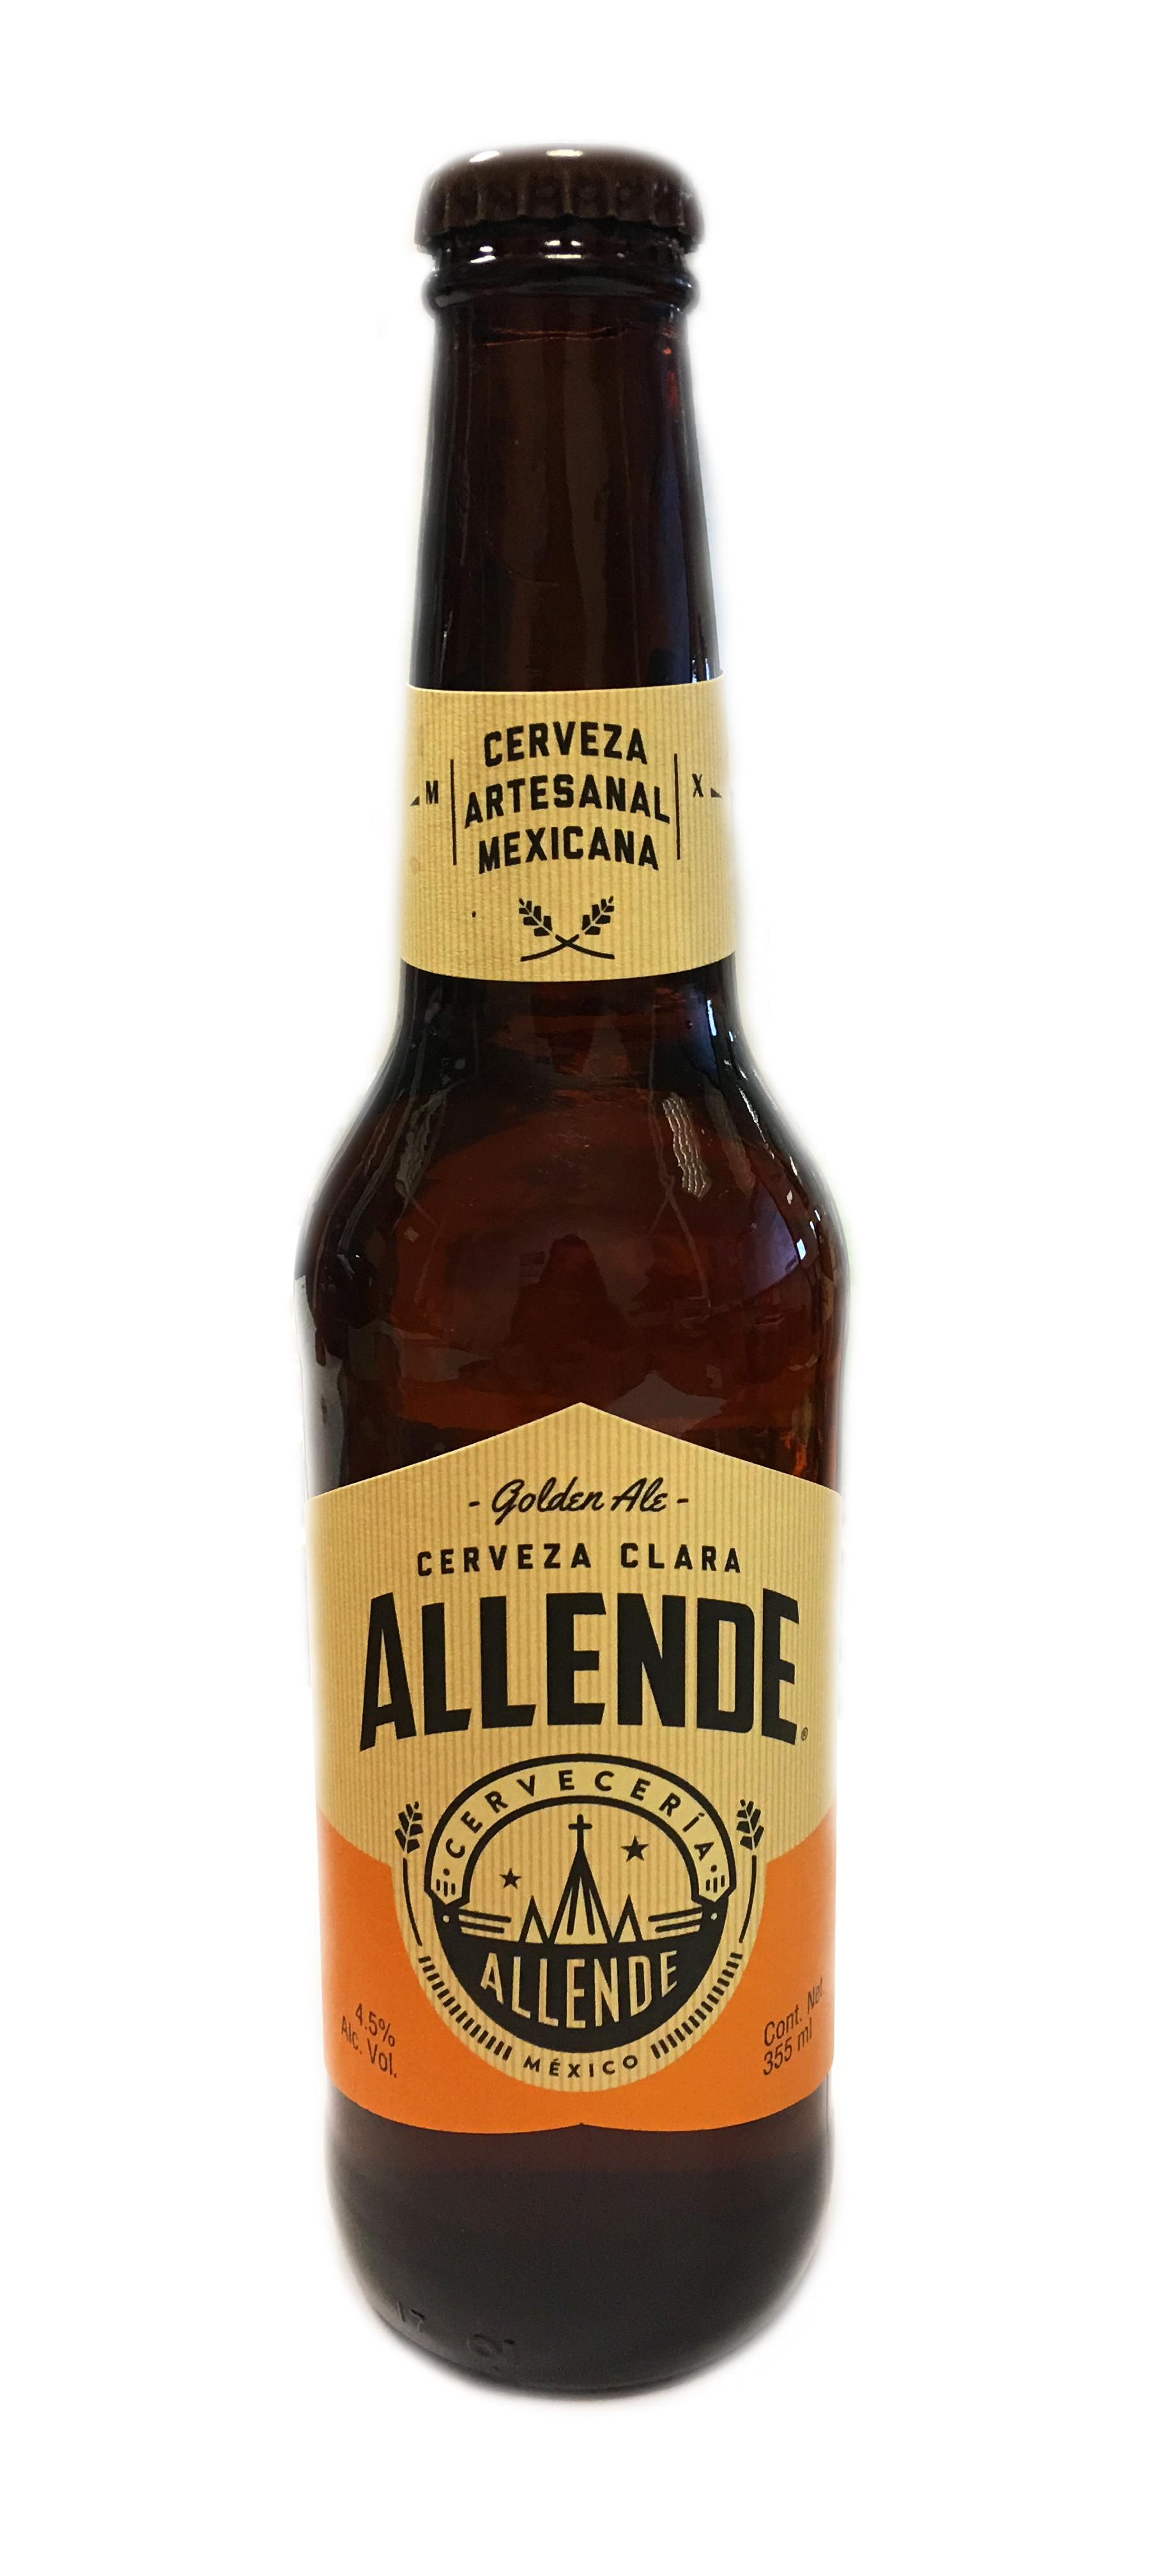 Allende Golden Ale. Cerveza artesanal mexicana. 355 ml Botella Cristal 4,5%